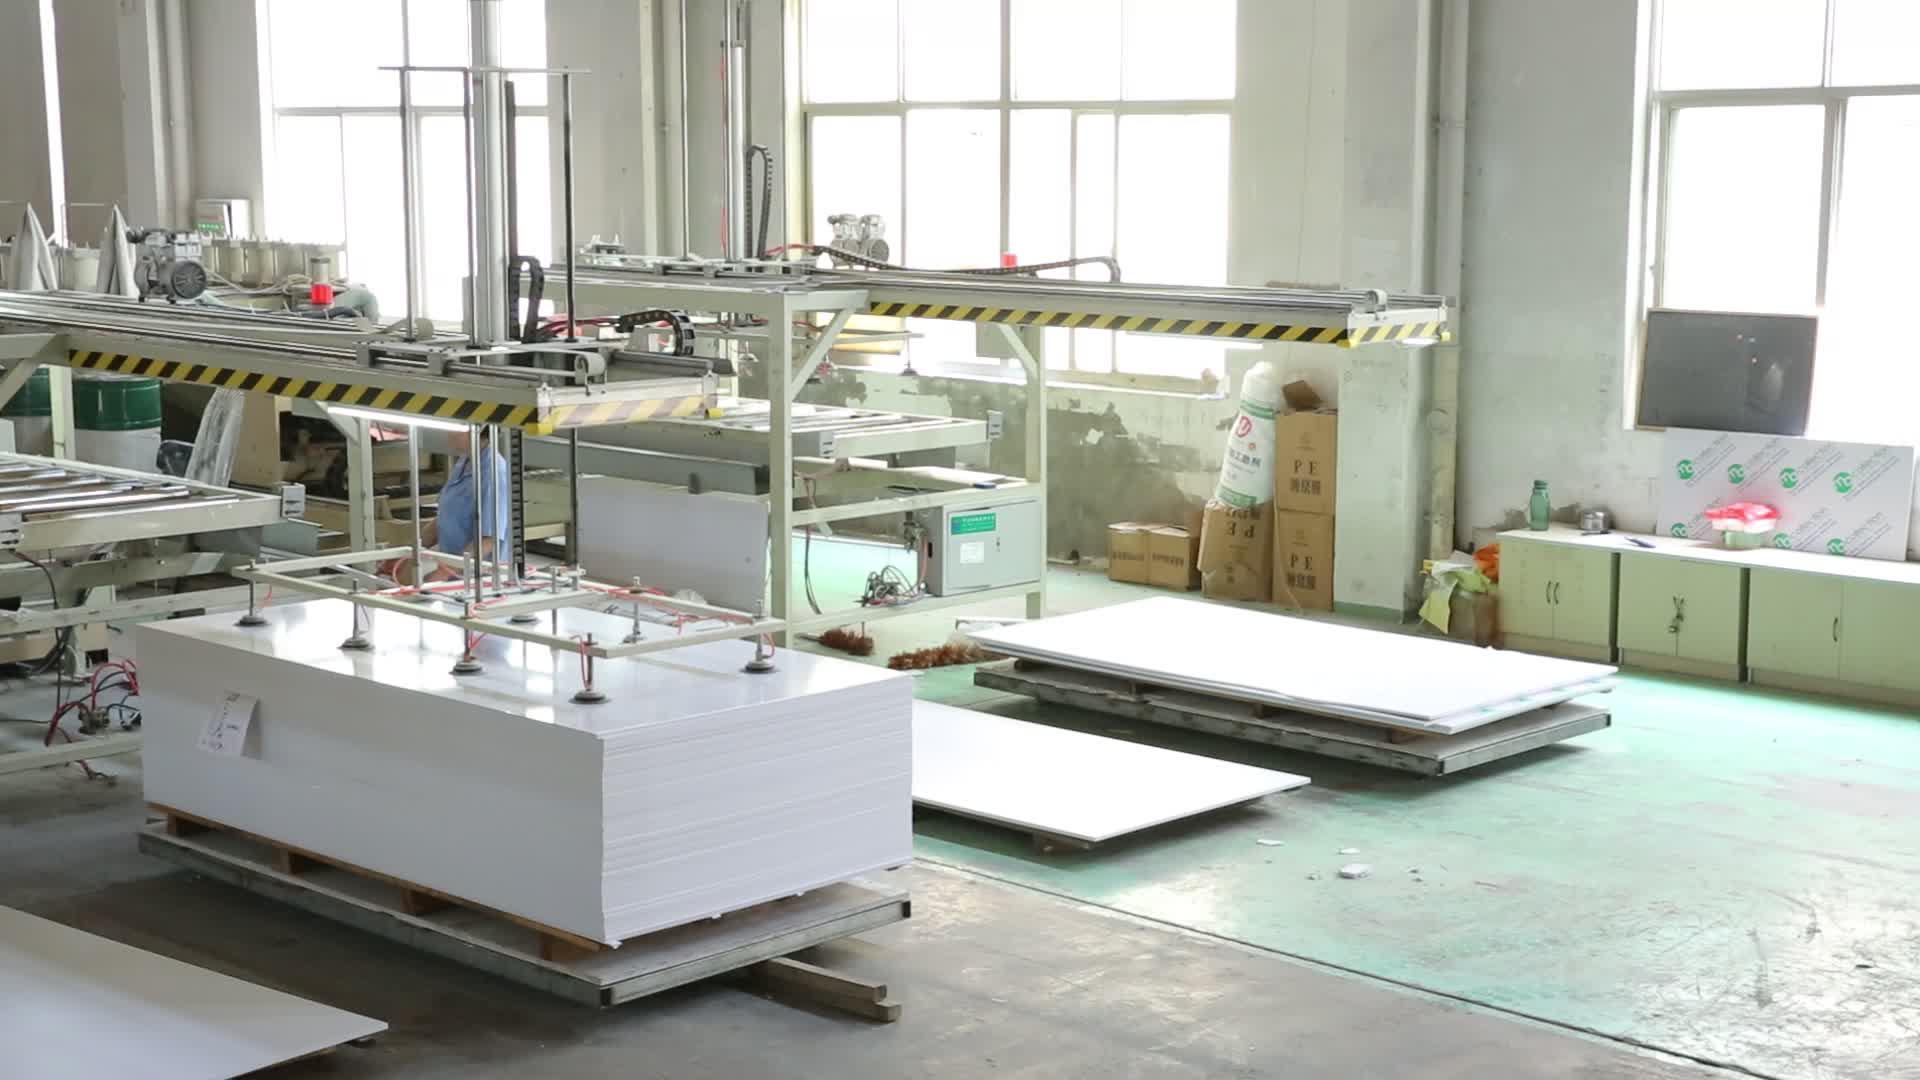 ألواح فوم بلاستيكية خفيفة الوزن مضادة للماء 4x8 من البولي فينيل كلورايد/ورقة للحمام/المطبخ